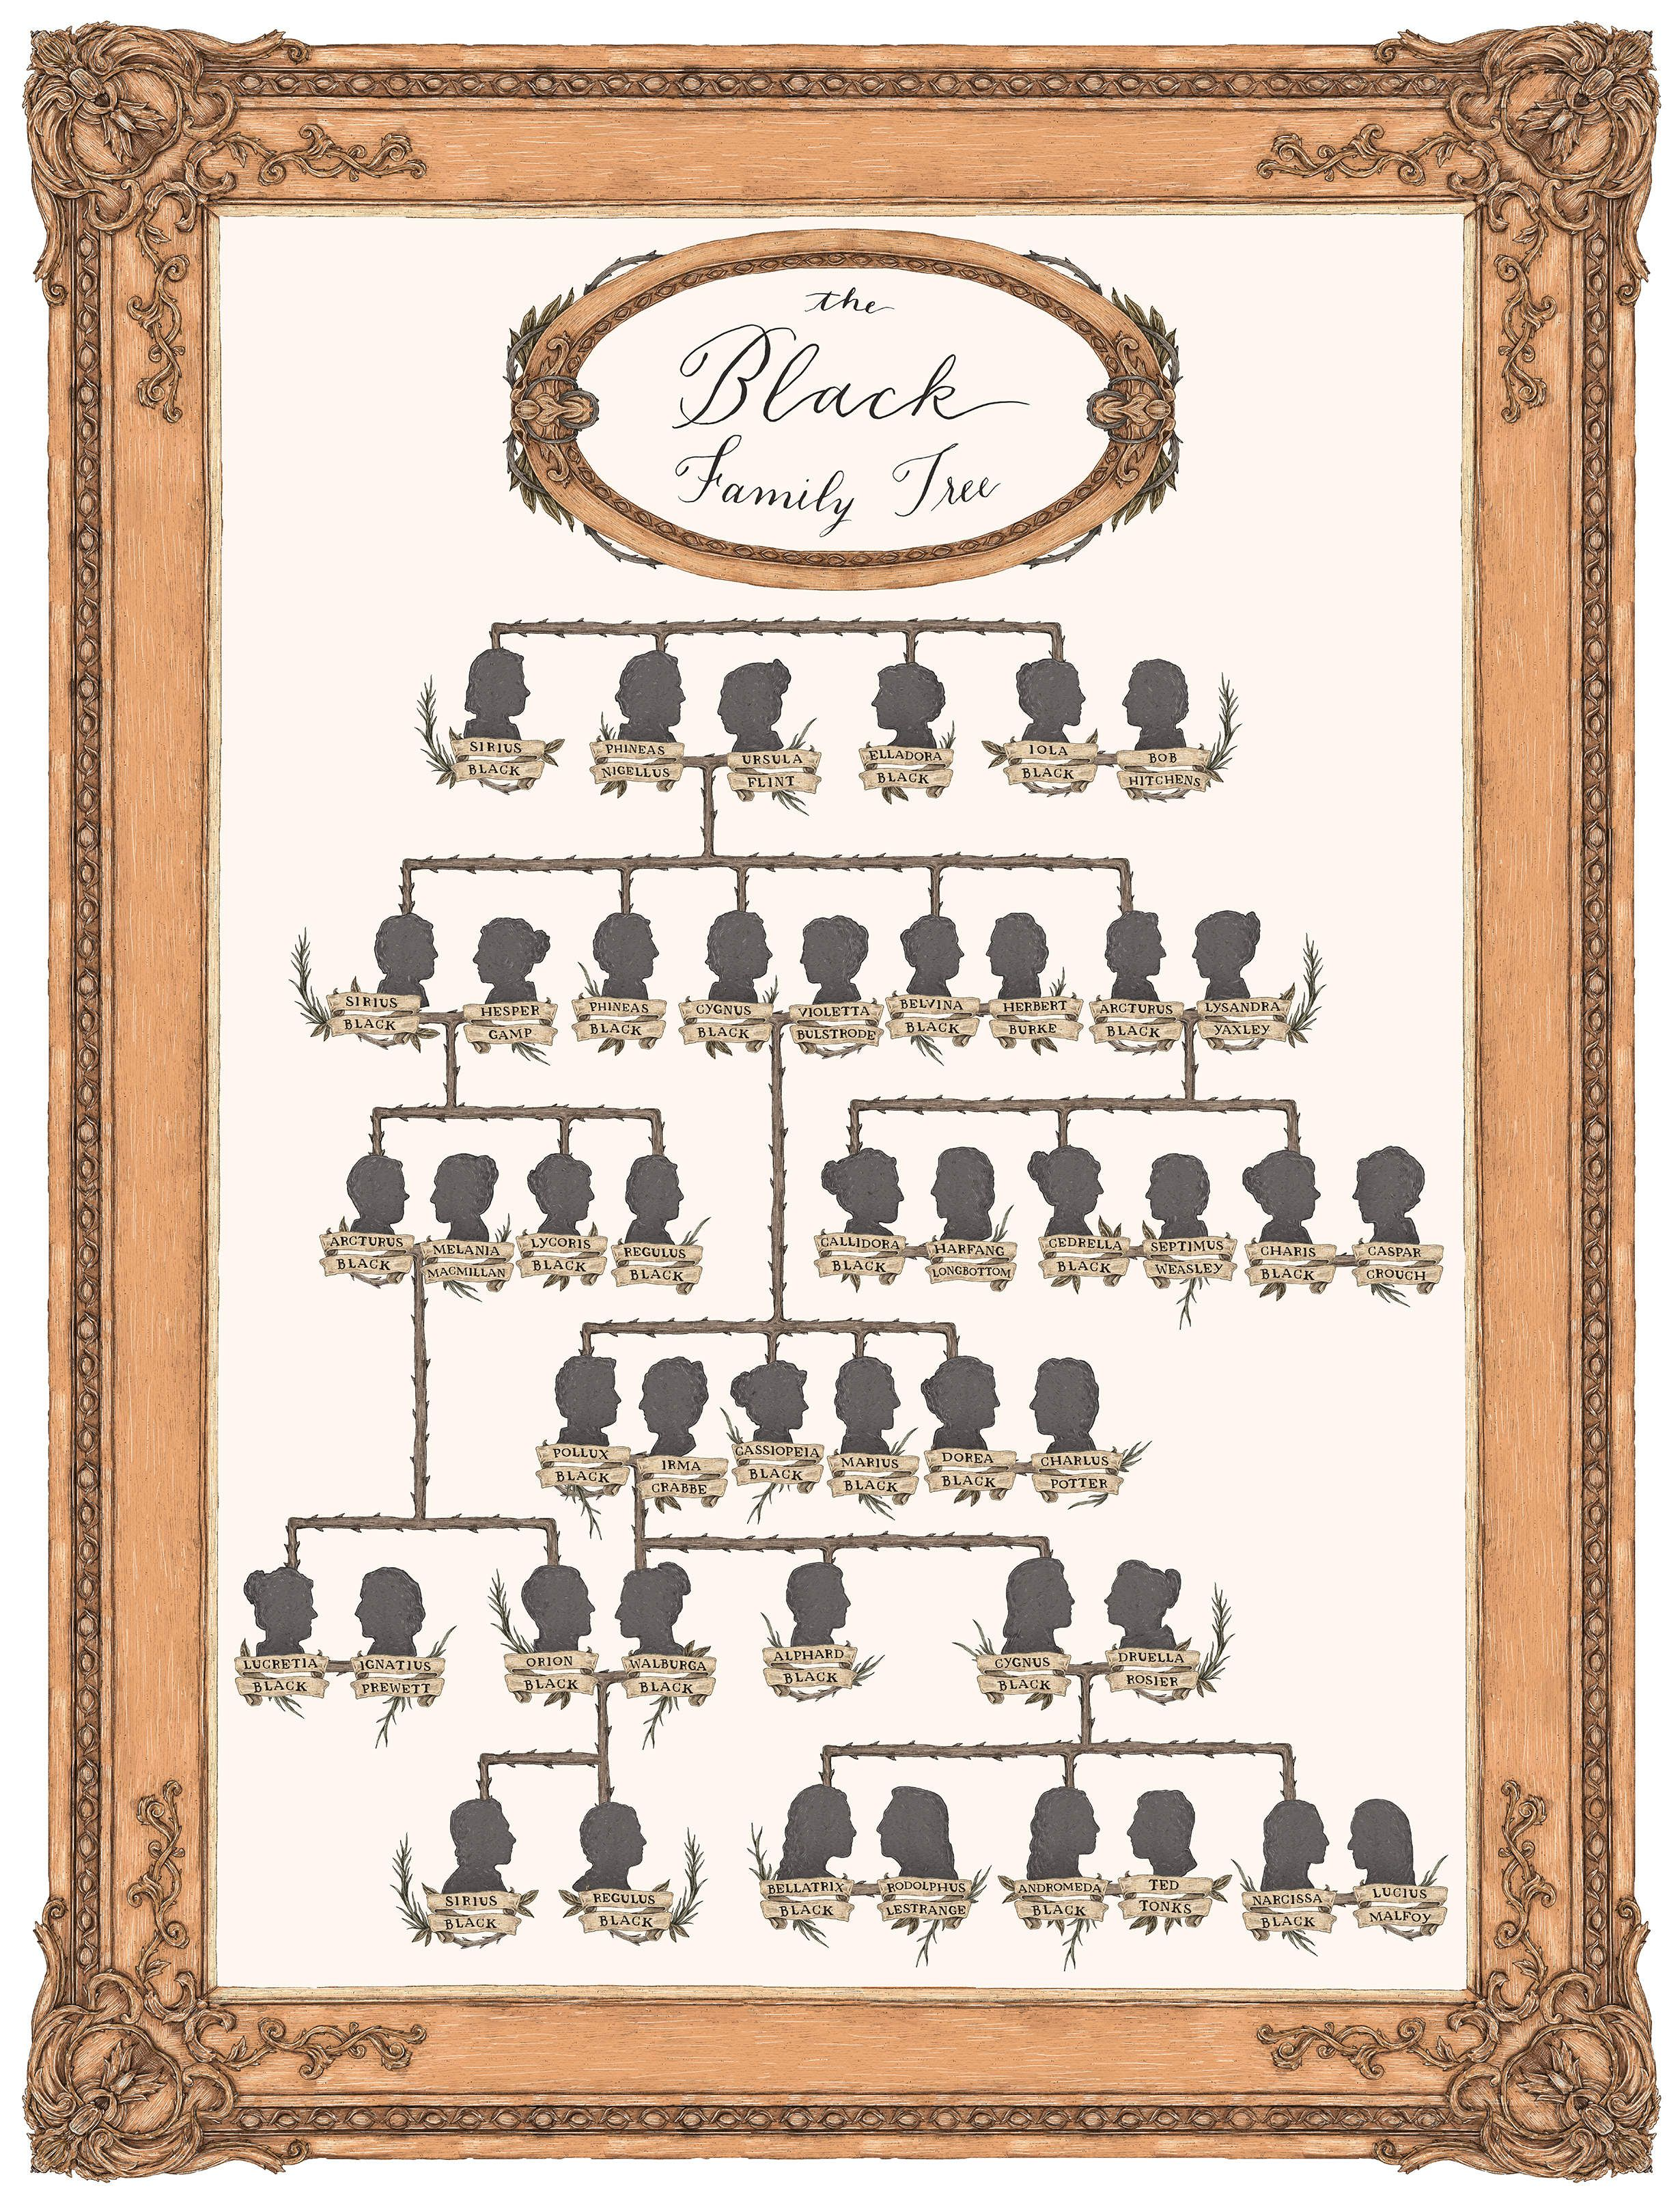 The Black Family Tree Harry Potter Family Tree Harry Potter Artwork Harry Potter Characters